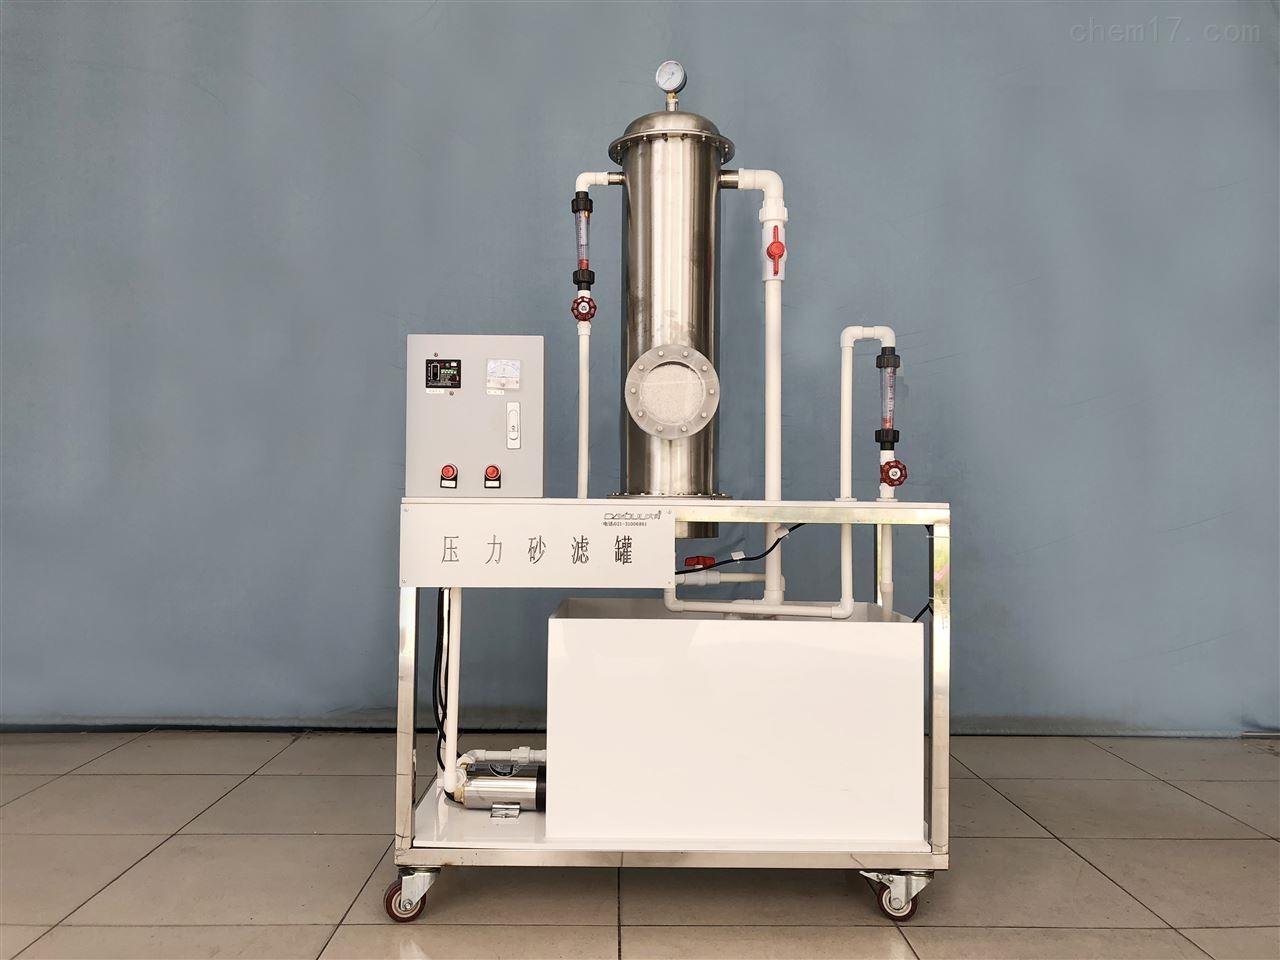 压力砂滤罐实验装置